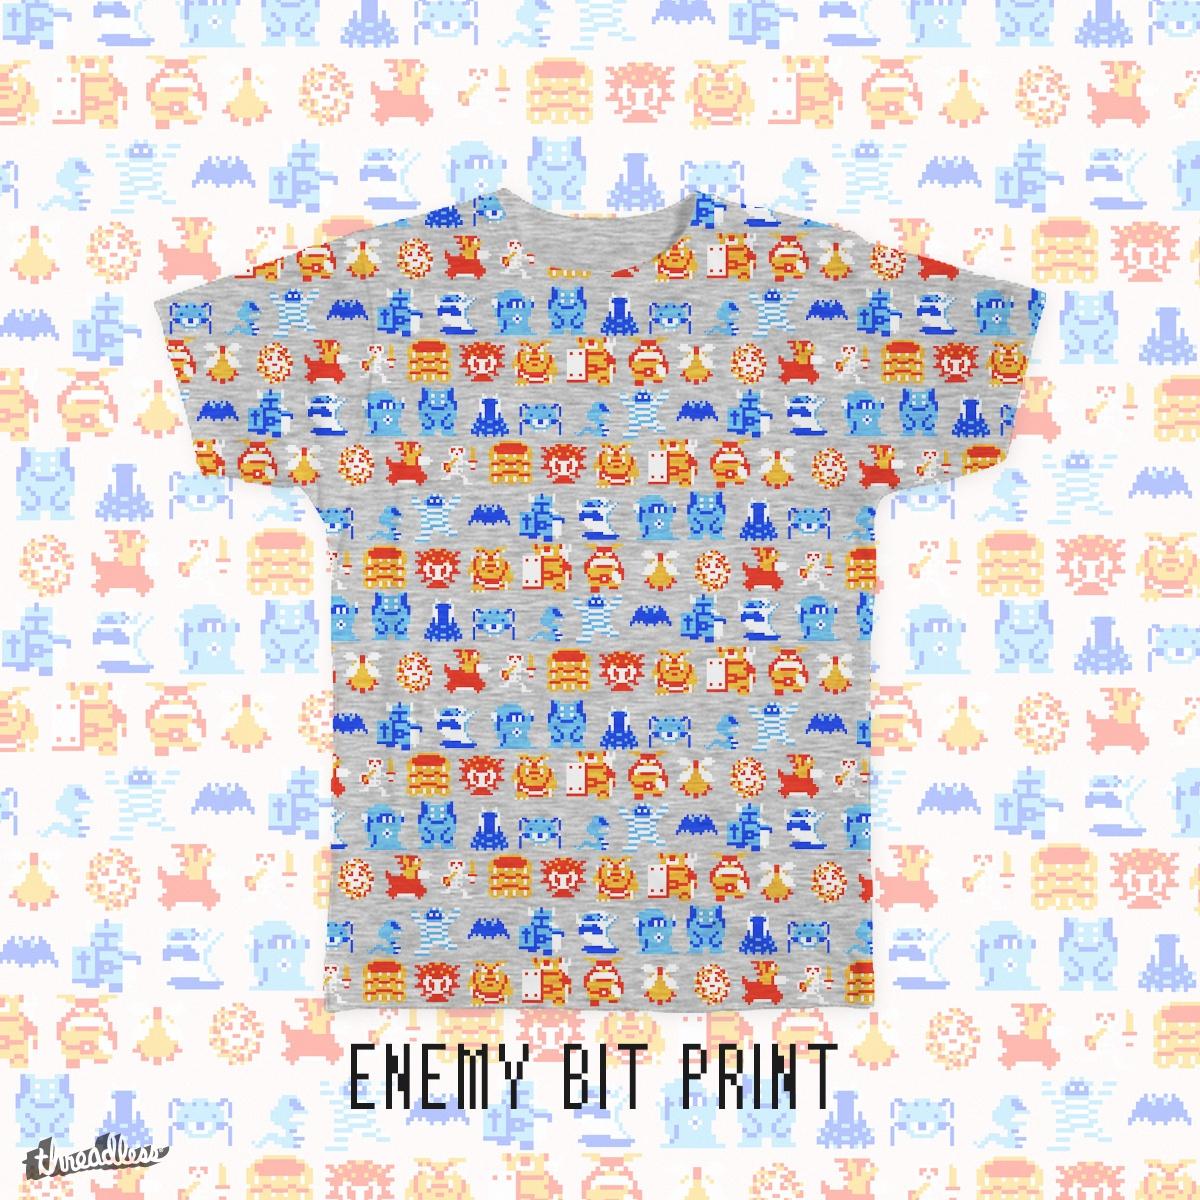 Enemy Bit Print by dandeschaine on Threadless